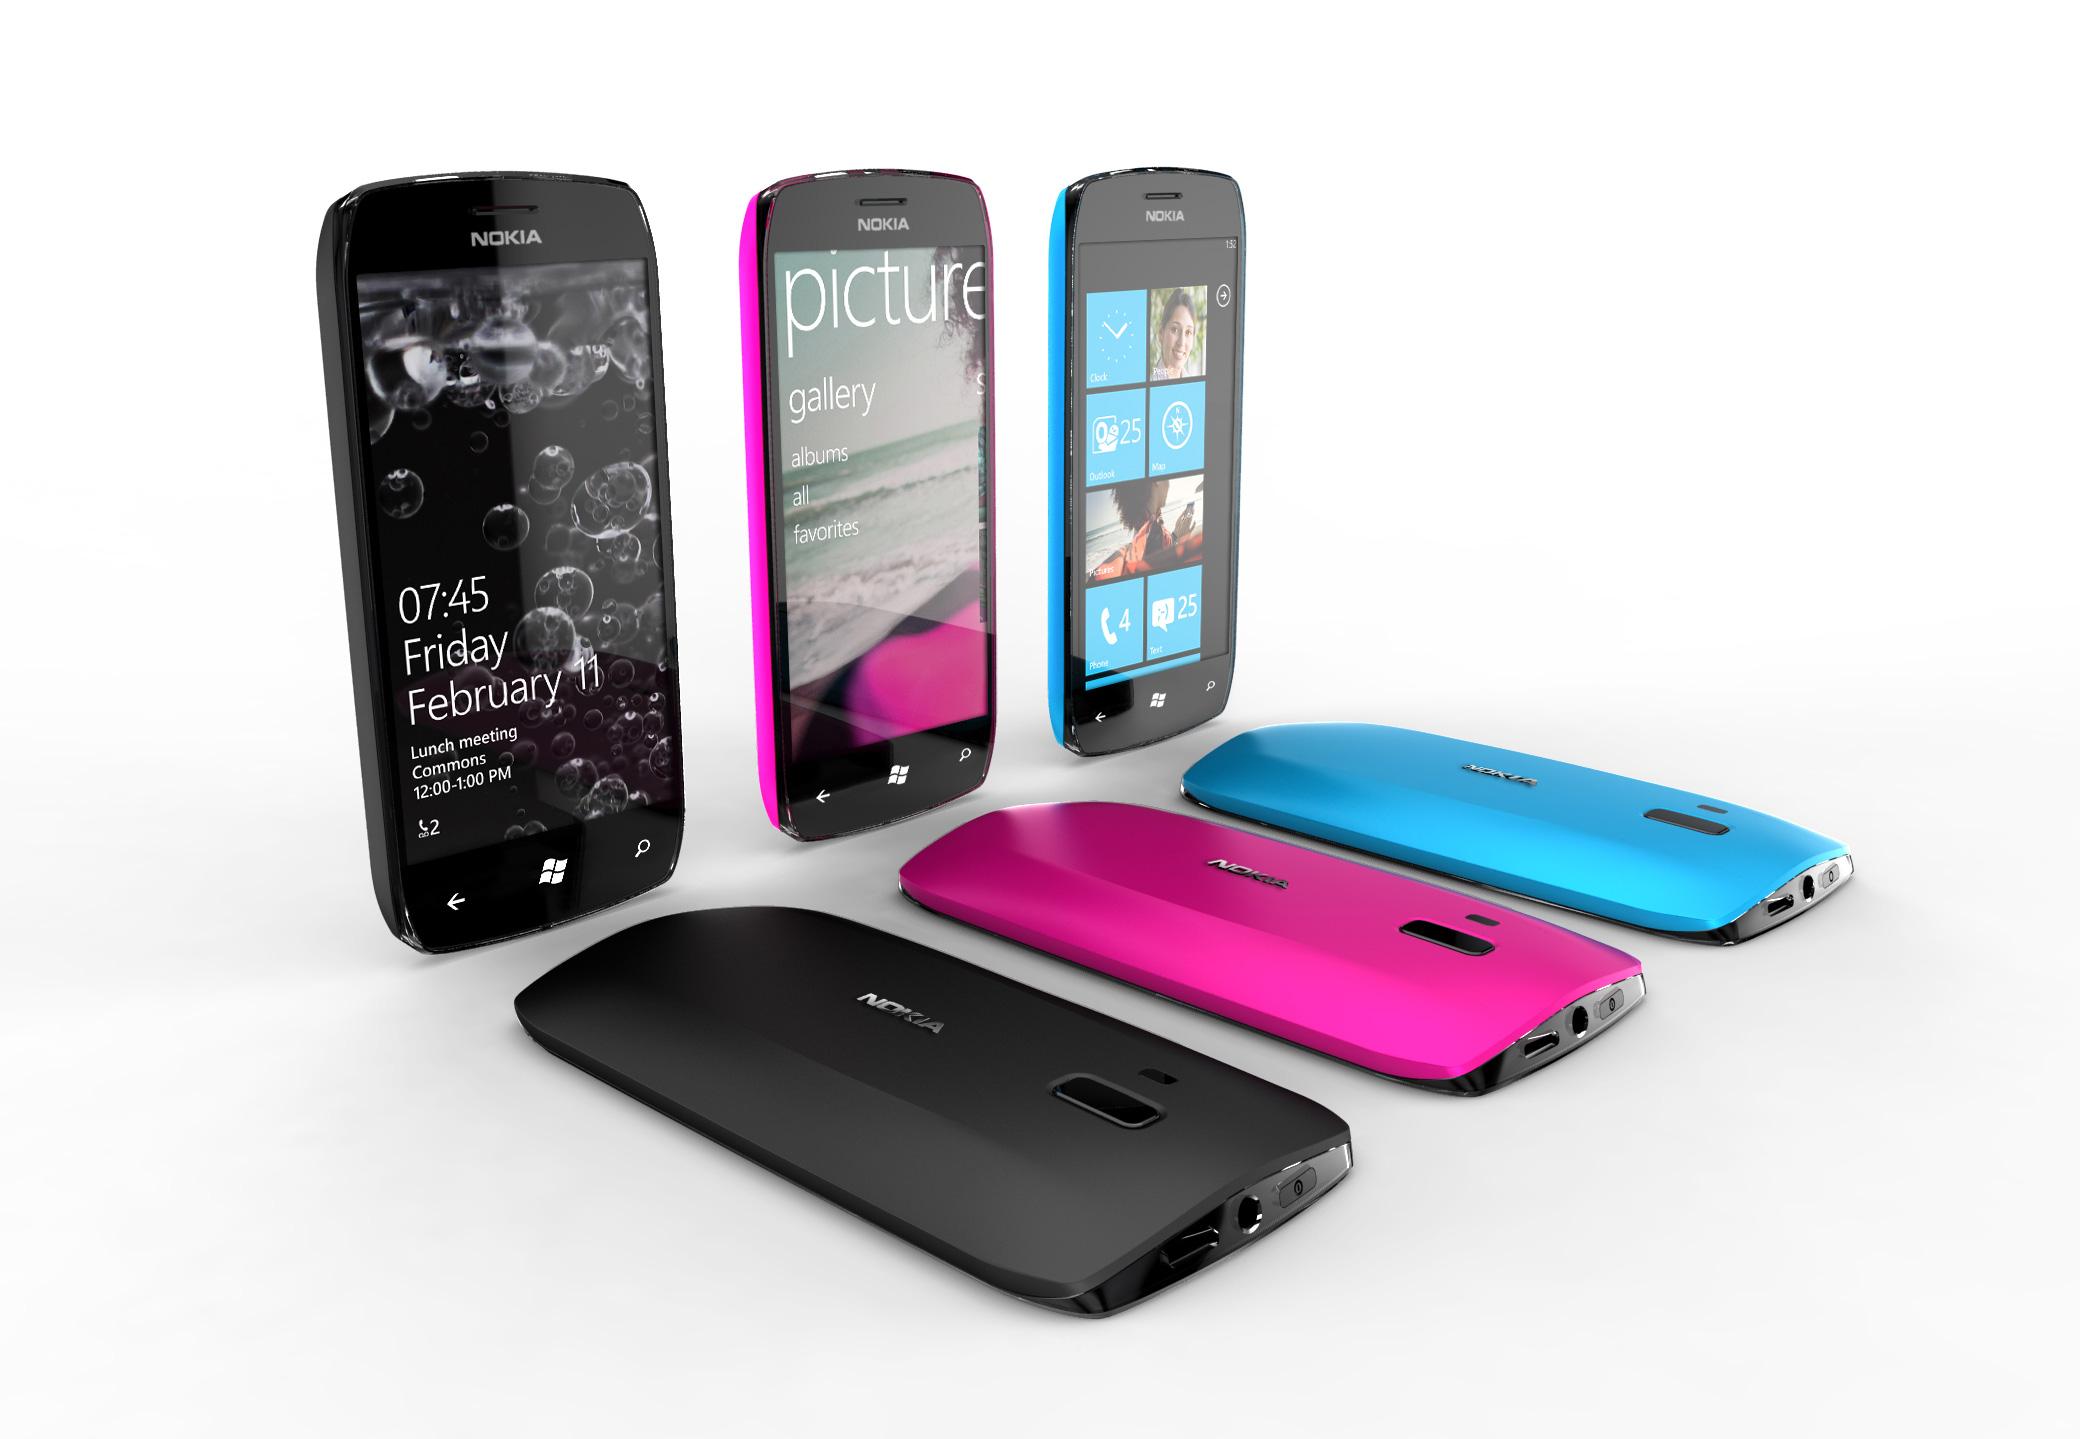 Siren.gif Microsoft + Nokia = Suurepärased nutitelefonid ~!